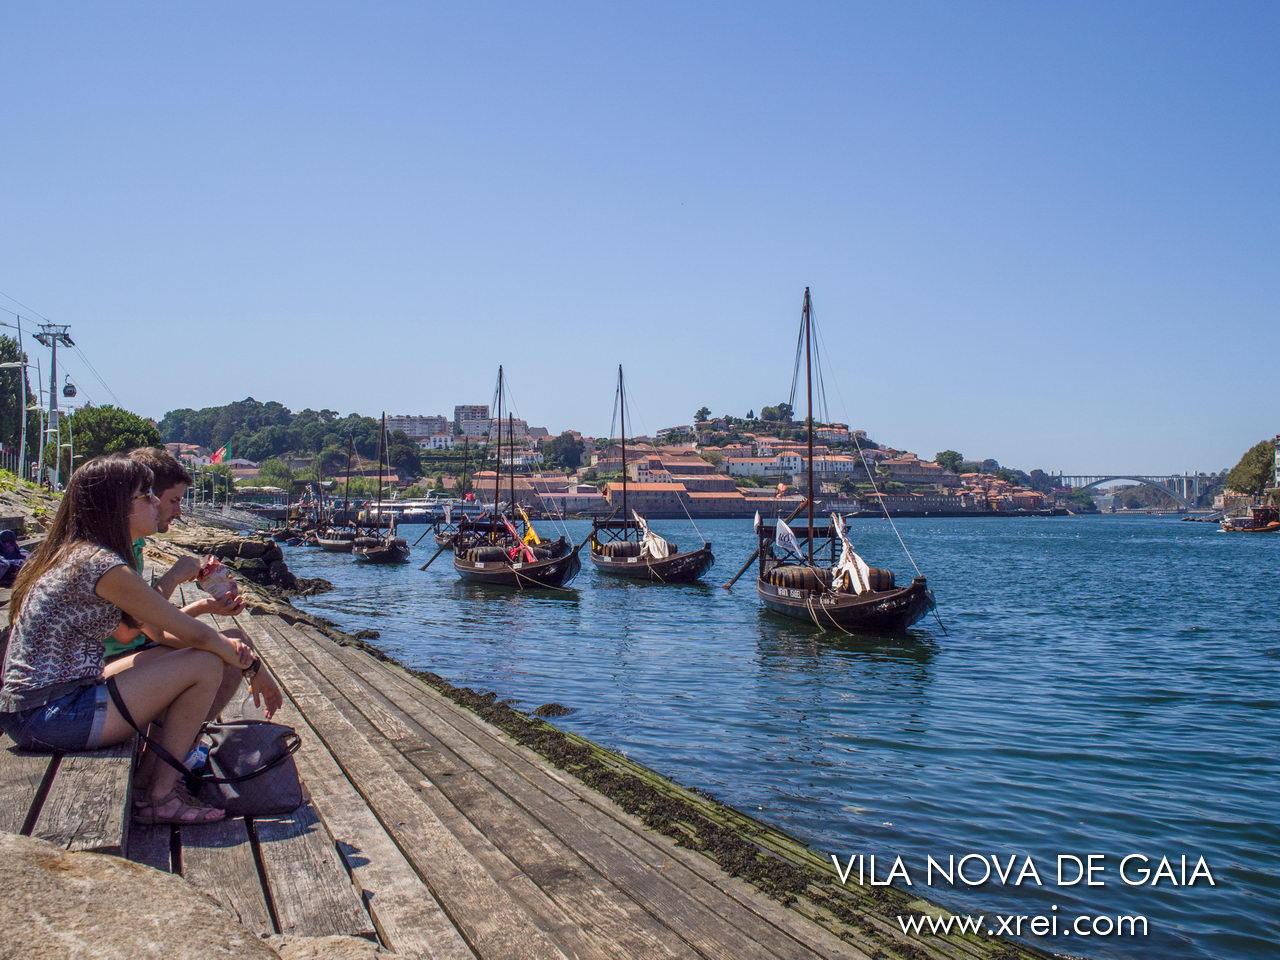 Costa de Vila Nova de Gaia frente a la zona de las bodegas de vino de Oporto, los barcos Rabelos en el río Duero y el puente de Arrábida en el horizonte